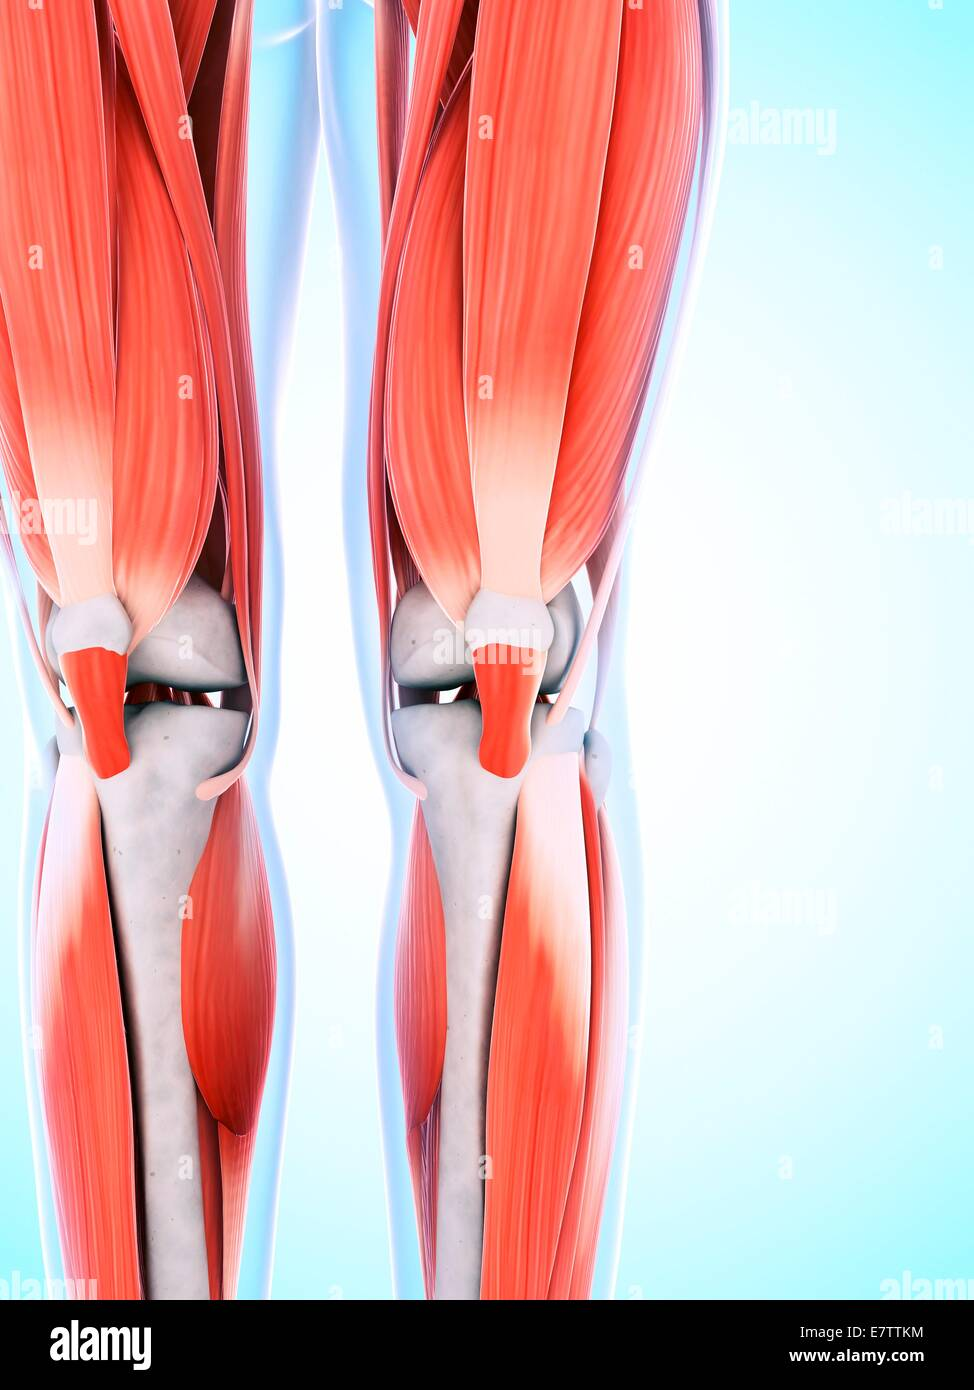 Menschliches Bein und Knie Muskeln, Computer-Grafik Stockfoto, Bild ...